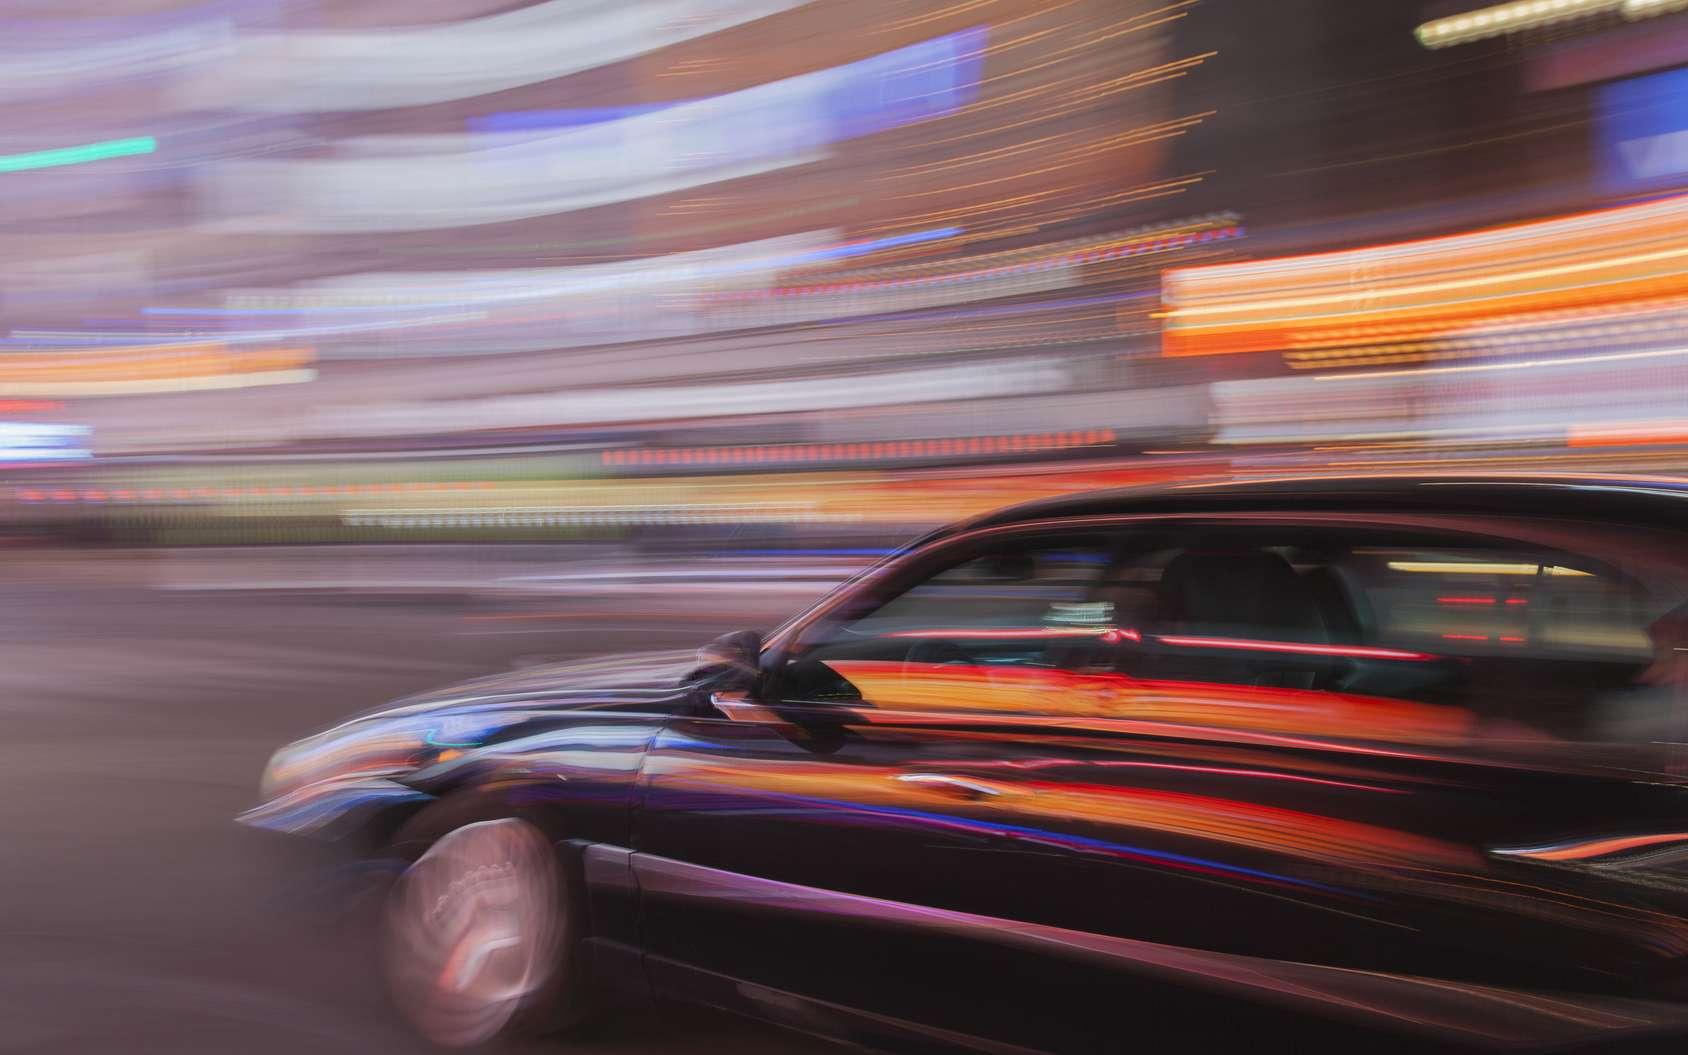 Les données de 57 millions d'utilisateurs d'Uber ont été piratées en 2016. La société a préféré céder au chantage des pirates plutôt que de rendre l'affaire publique. Un choix contestable qui risque de lui coûter très cher. © Bartsadowski, Fotolia